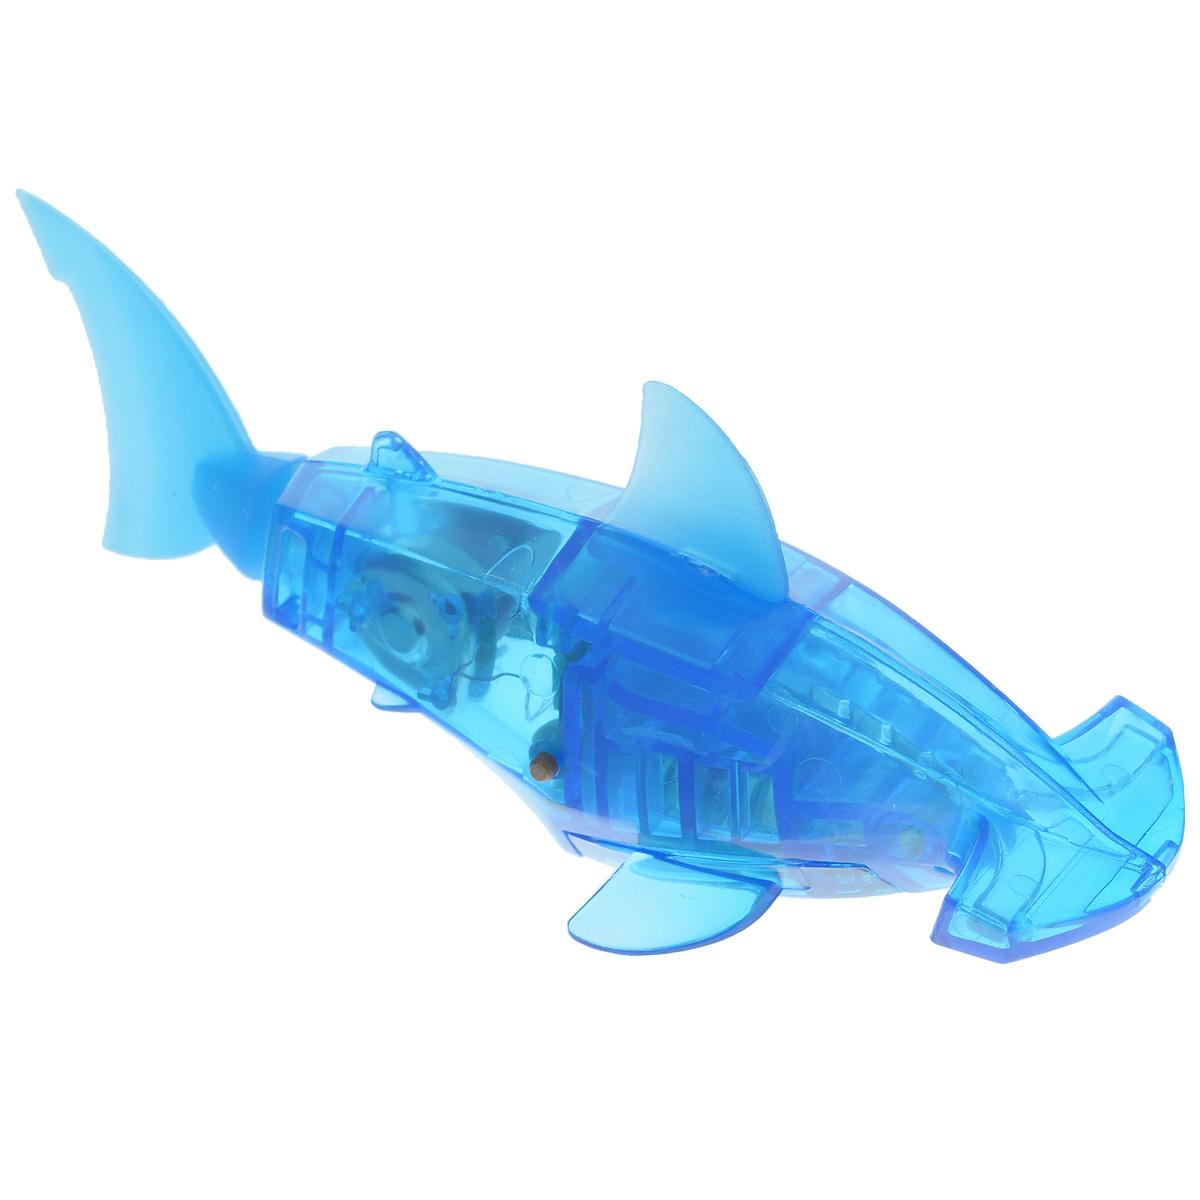 """Уникальный микро-робот Hexbug """"Aquabot Hammerhead"""" изготовлен из безопасного пластика в виде рыбы-молота. Теперь микро-роботы осваивают и водные глубины! Робот-рыбка Hexbug """"Aquabot Hammerhead"""" плавает как настоящая рыба и непредсказуем в направлении движения. Опустите его в воду и он оживет! Если микро-робот замер, то достаточно просто всколыхнуть воду и он снова поплывет. Вне воды он автоматически выключается. Но и это еще не все, теперь микро-роботы рыбки оснащены световыми эффектами! Для работы игрушки необходимы 2 батарейки типа LR44 (товар комплектуется демонстрационными)."""